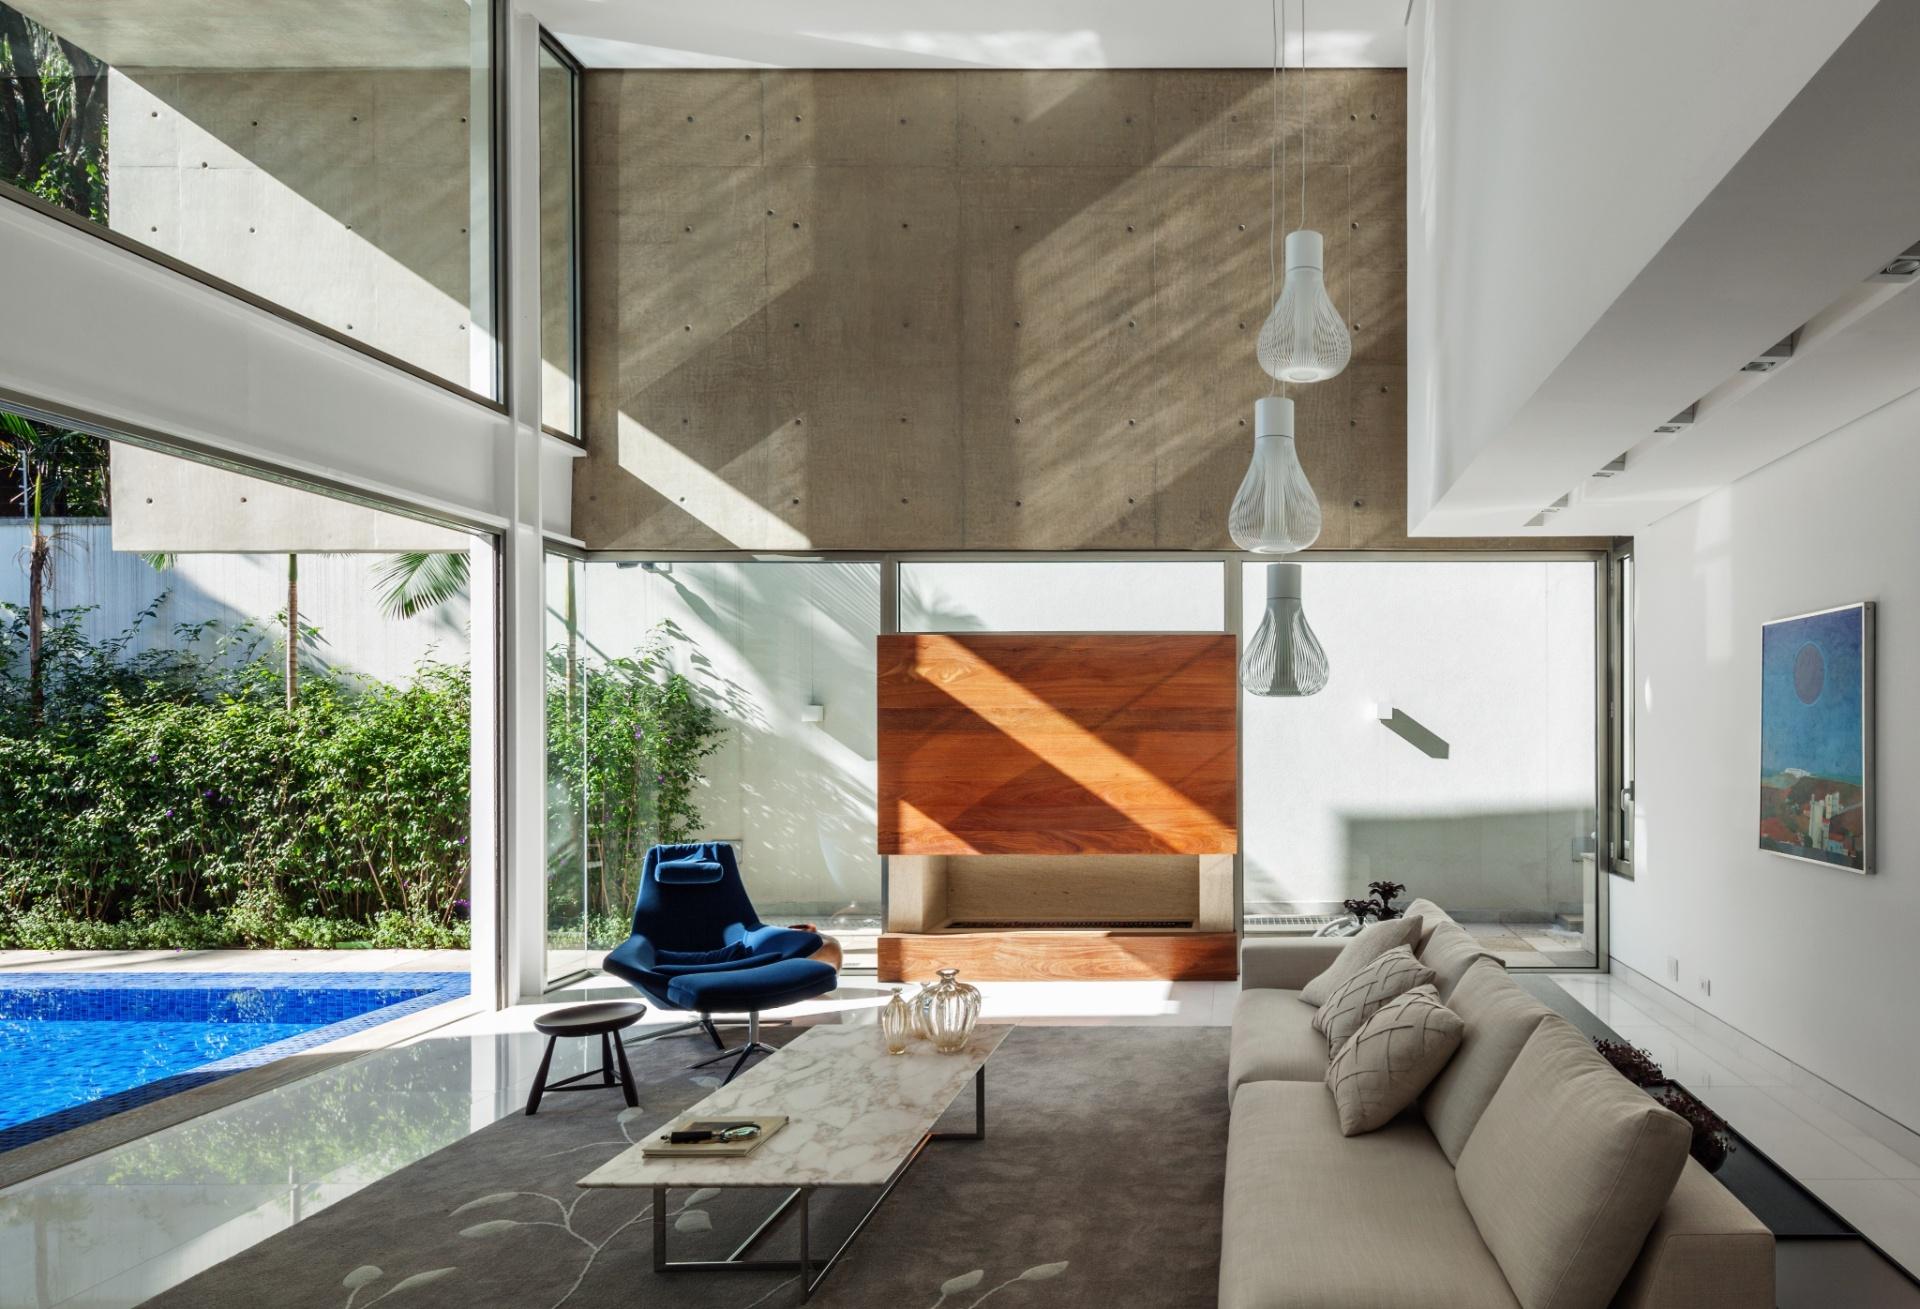 A sala de estar com pé-direito duplo é arejada e recebe com elegância os pendentes da Lumini e o mobiliário em linhas modernas. A lareira com frontão de madeira não só aquece o ambiente nos dias de baixas temperaturas, como